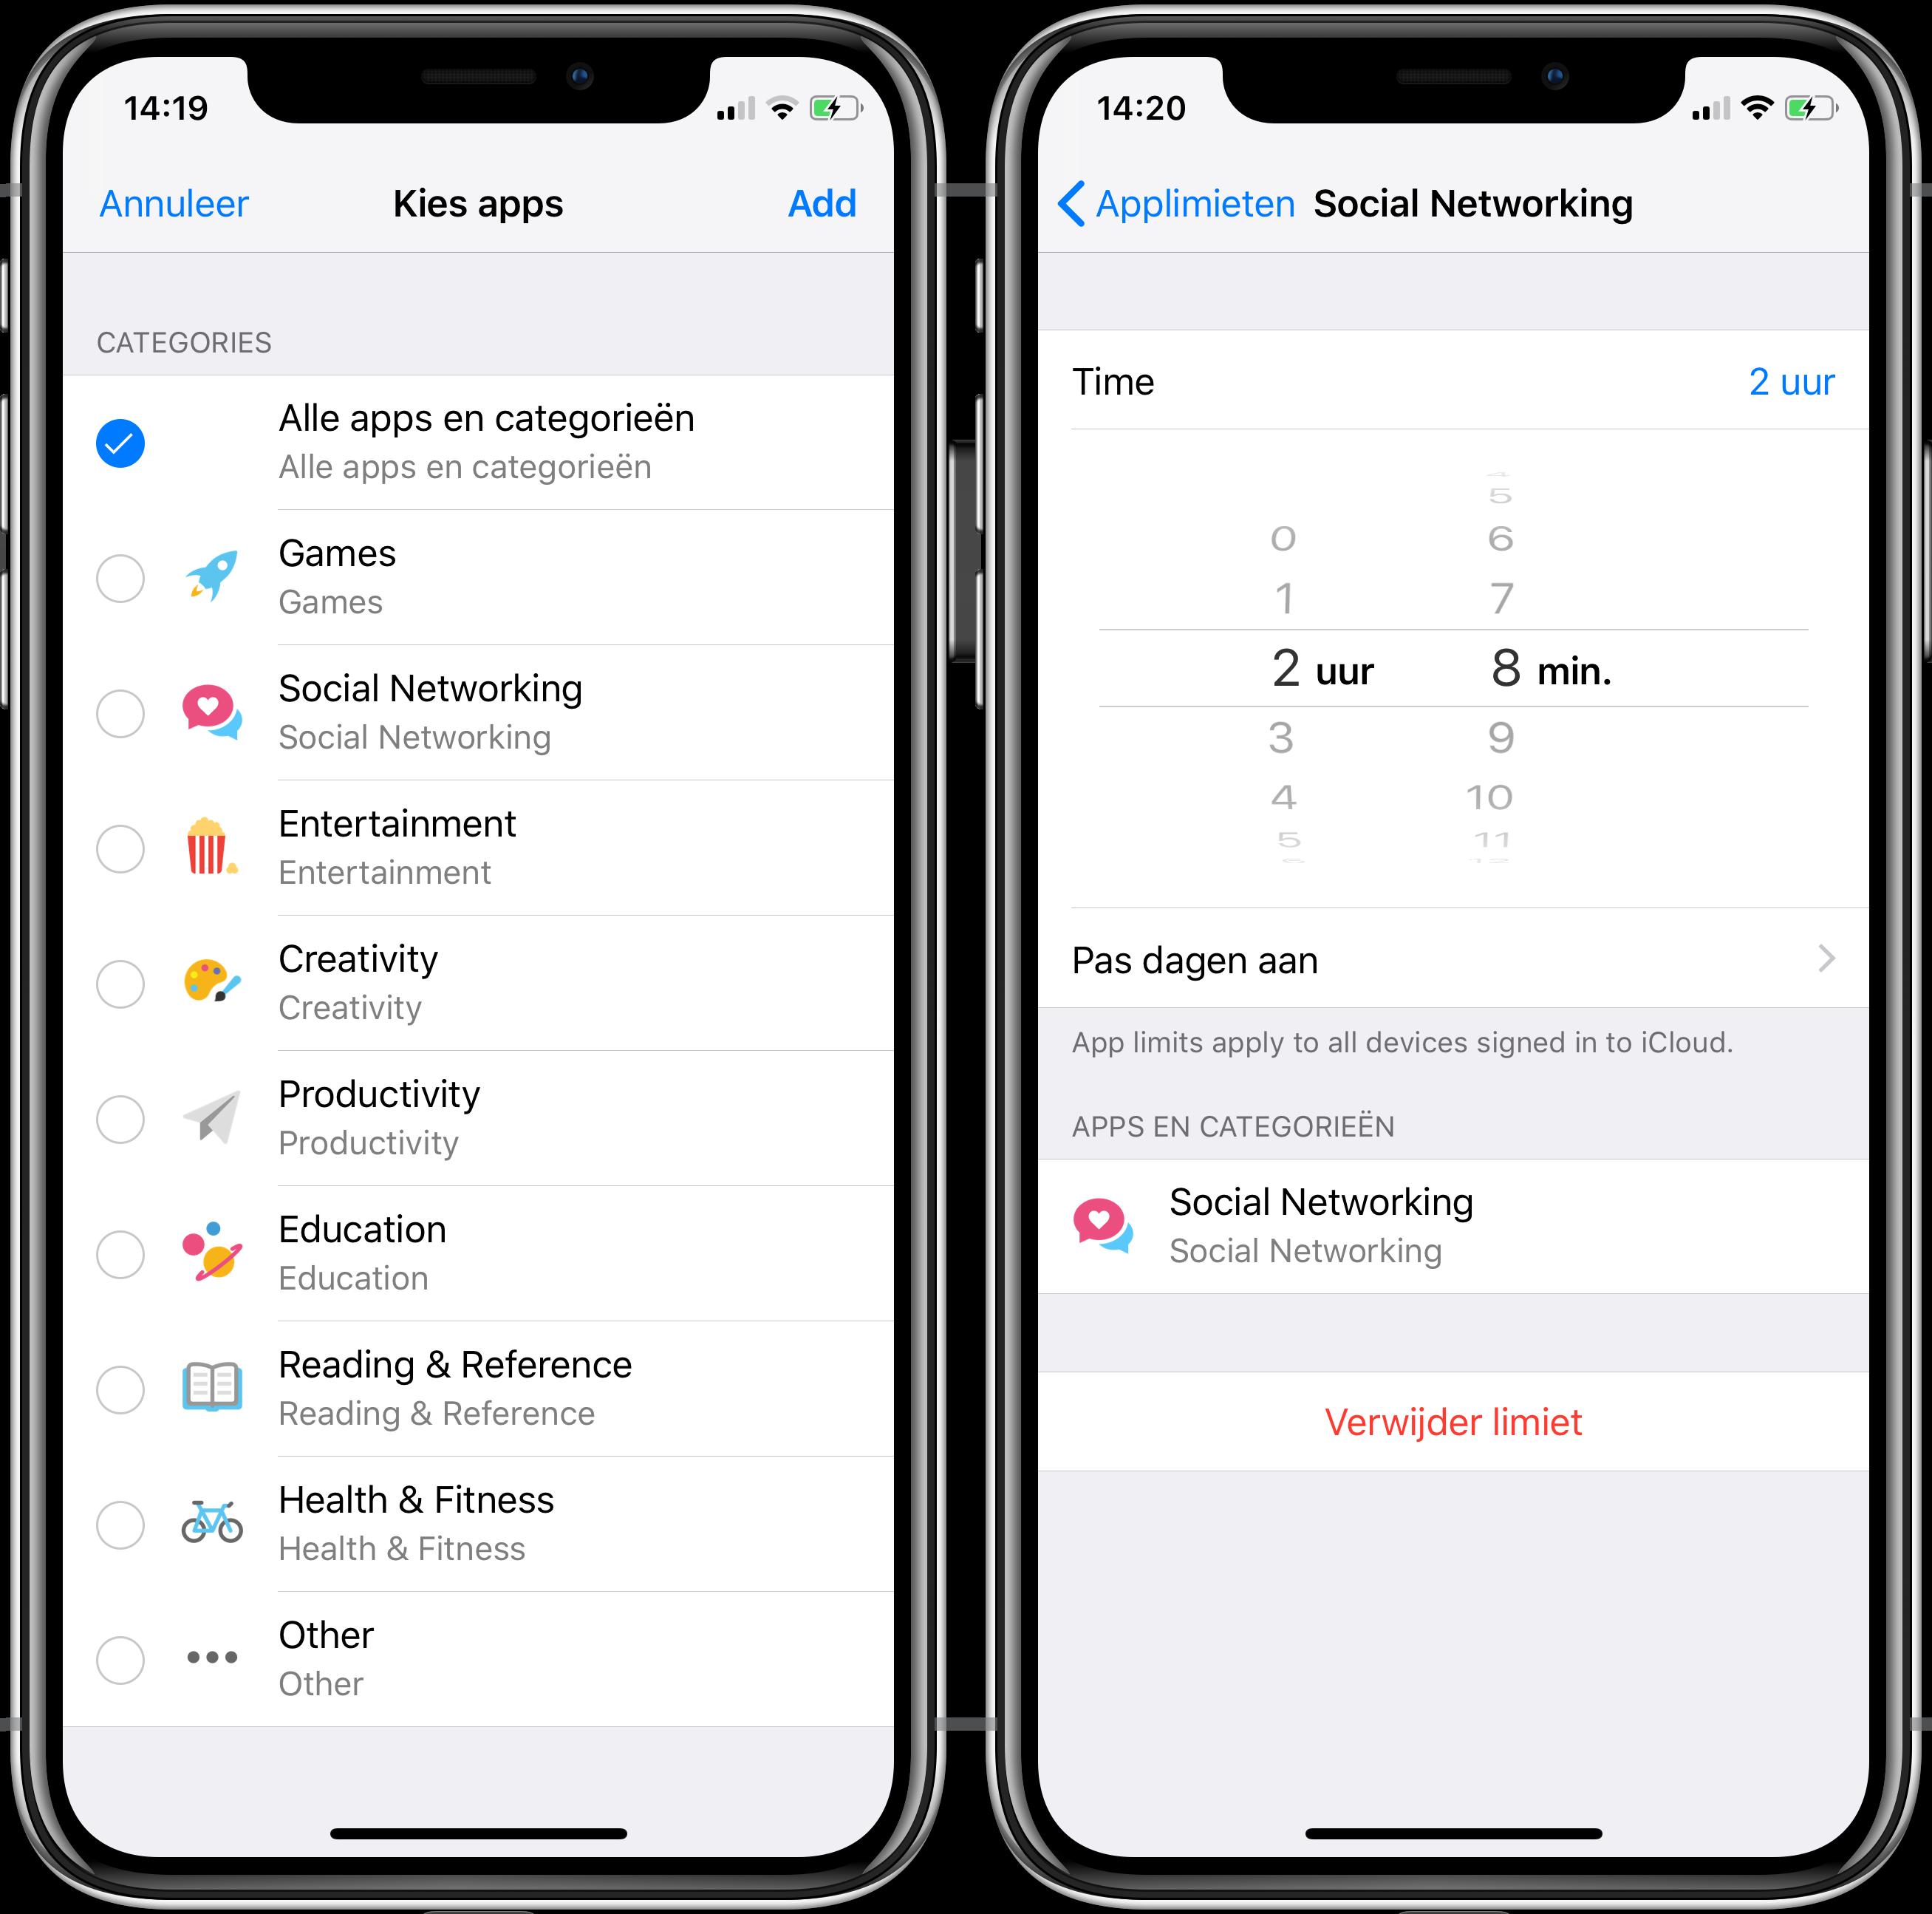 iOS 12 applimieten